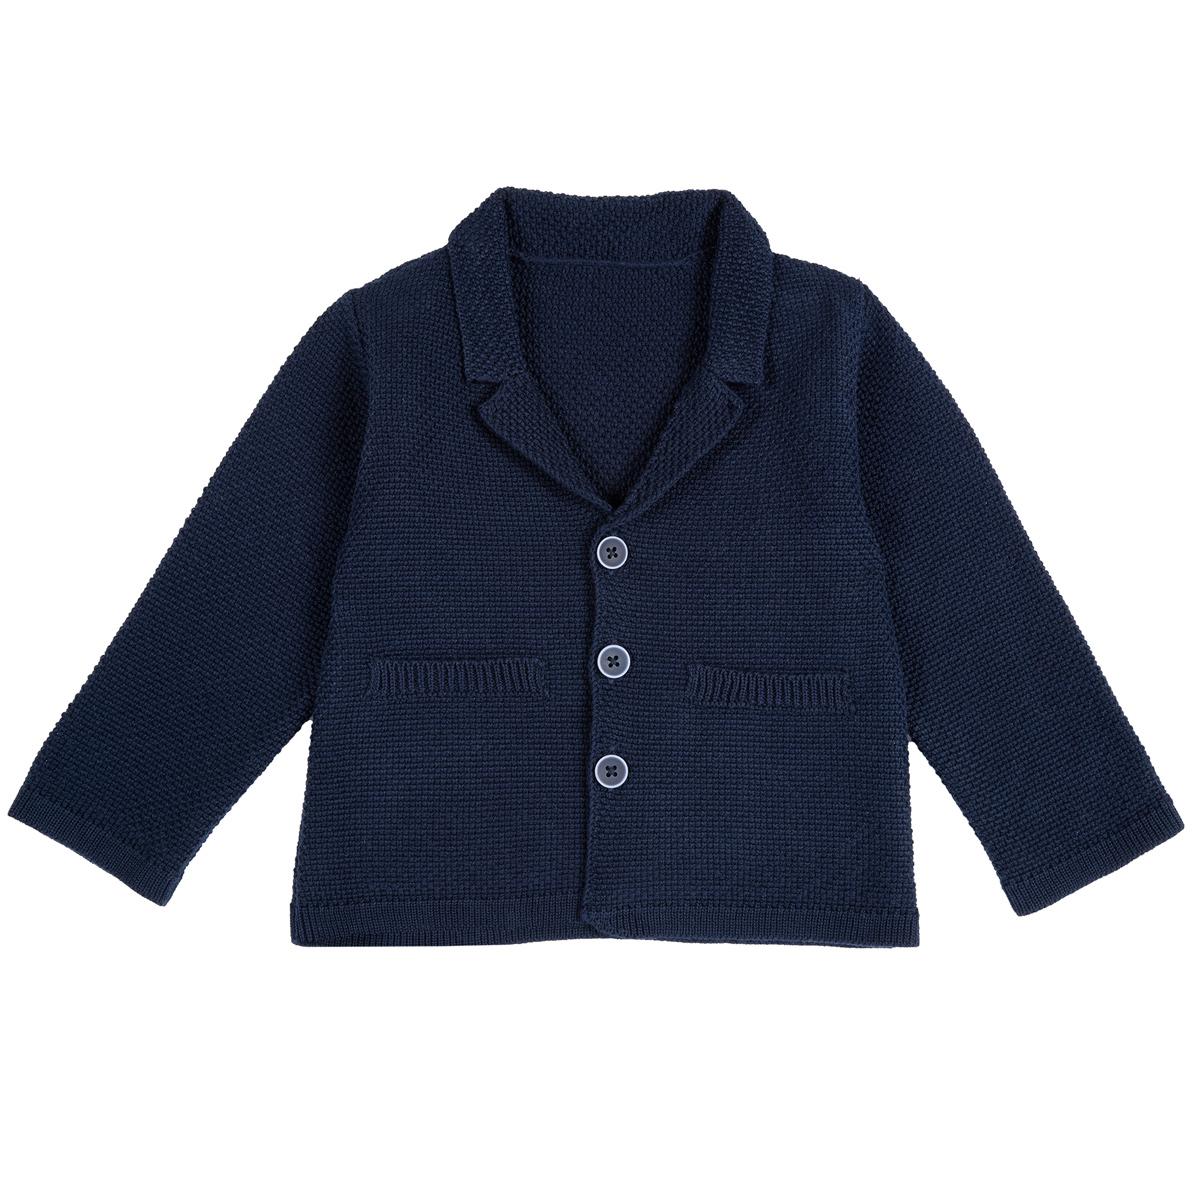 Jacheta Copii Chicco, Tricotata, Albastru, 09419 imagine